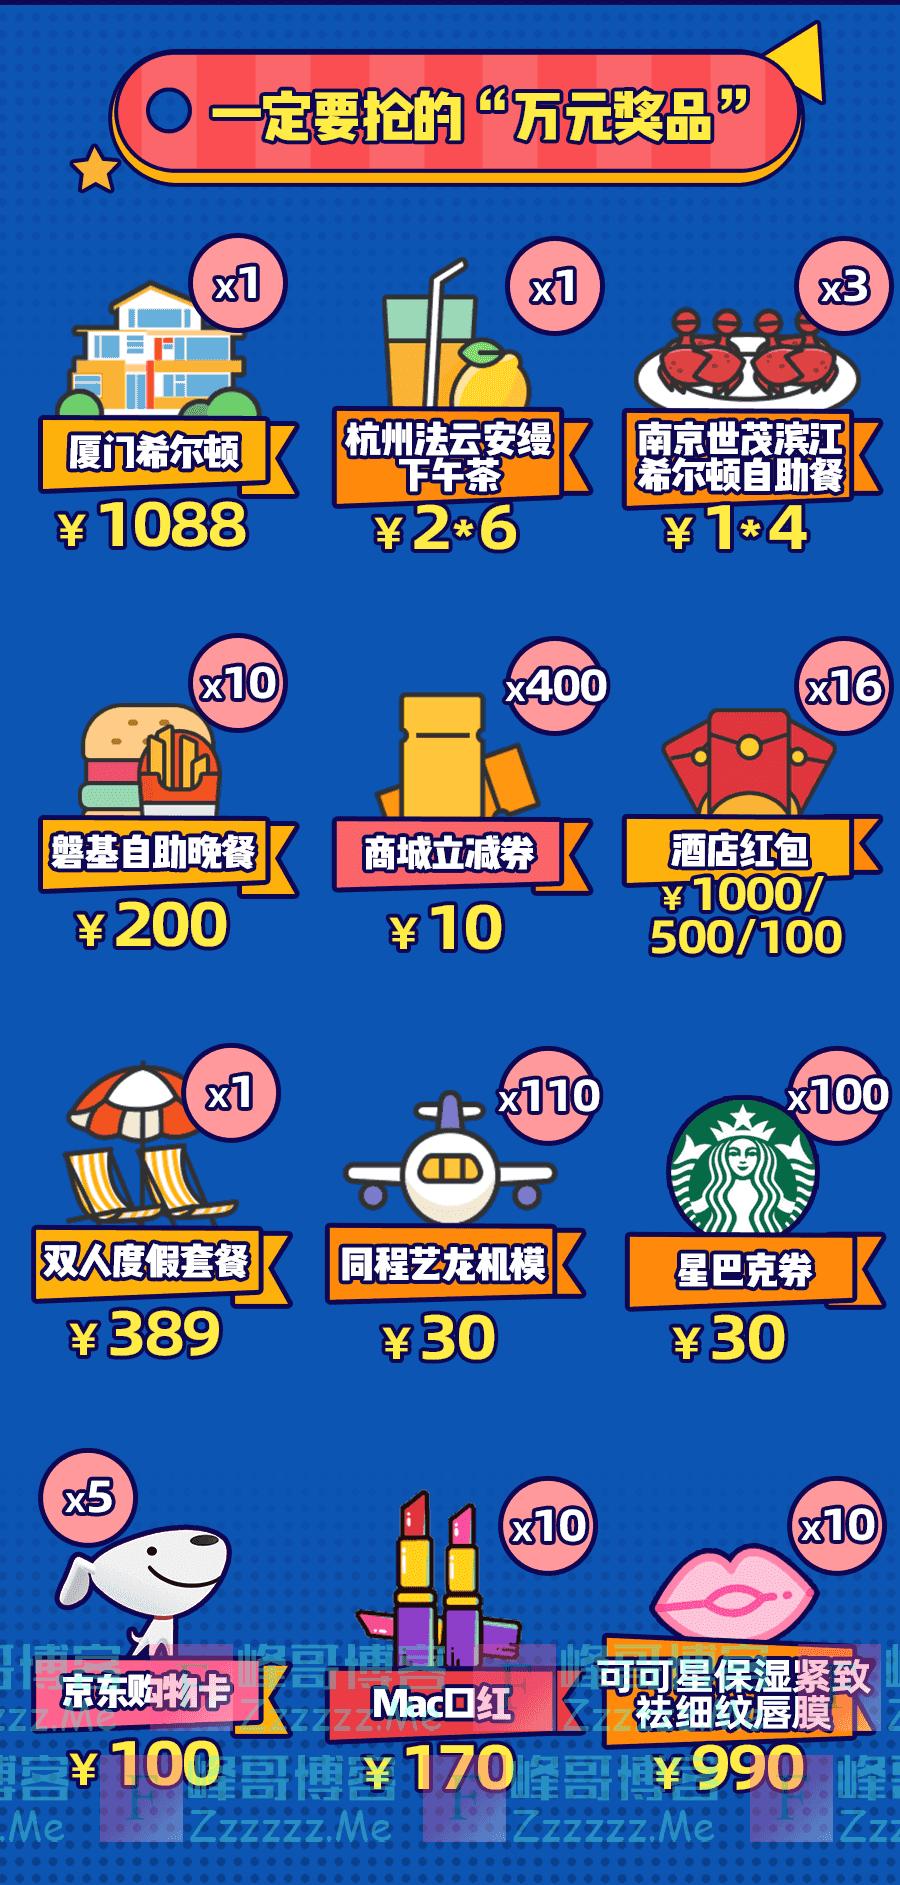 同程旅行梦想旅行直播节(截止4月22日)